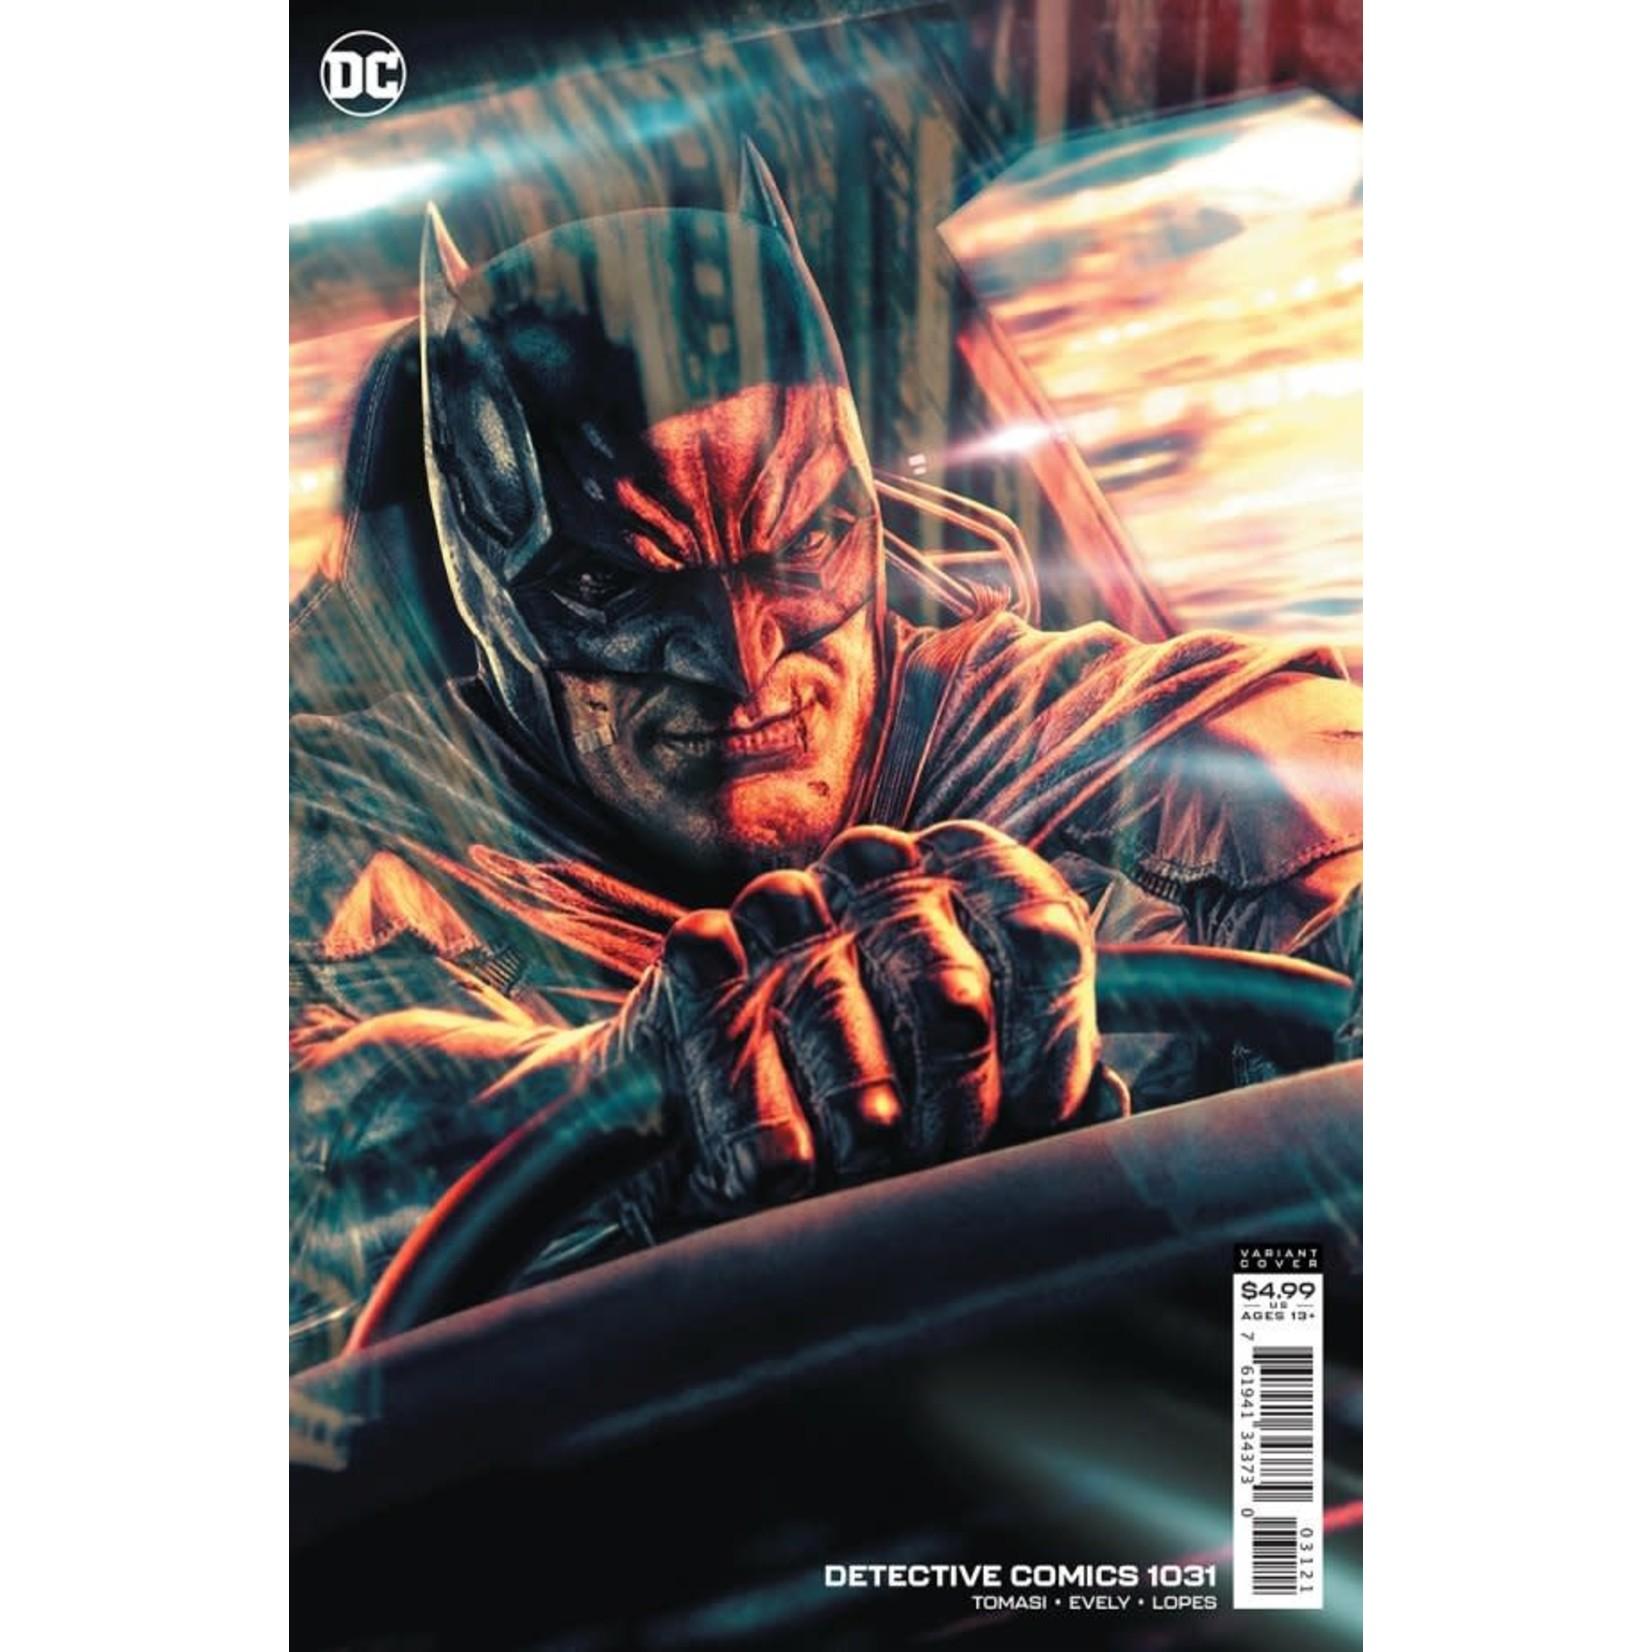 DC Comics Detective Comics #1031 Card Stock Variant Edition